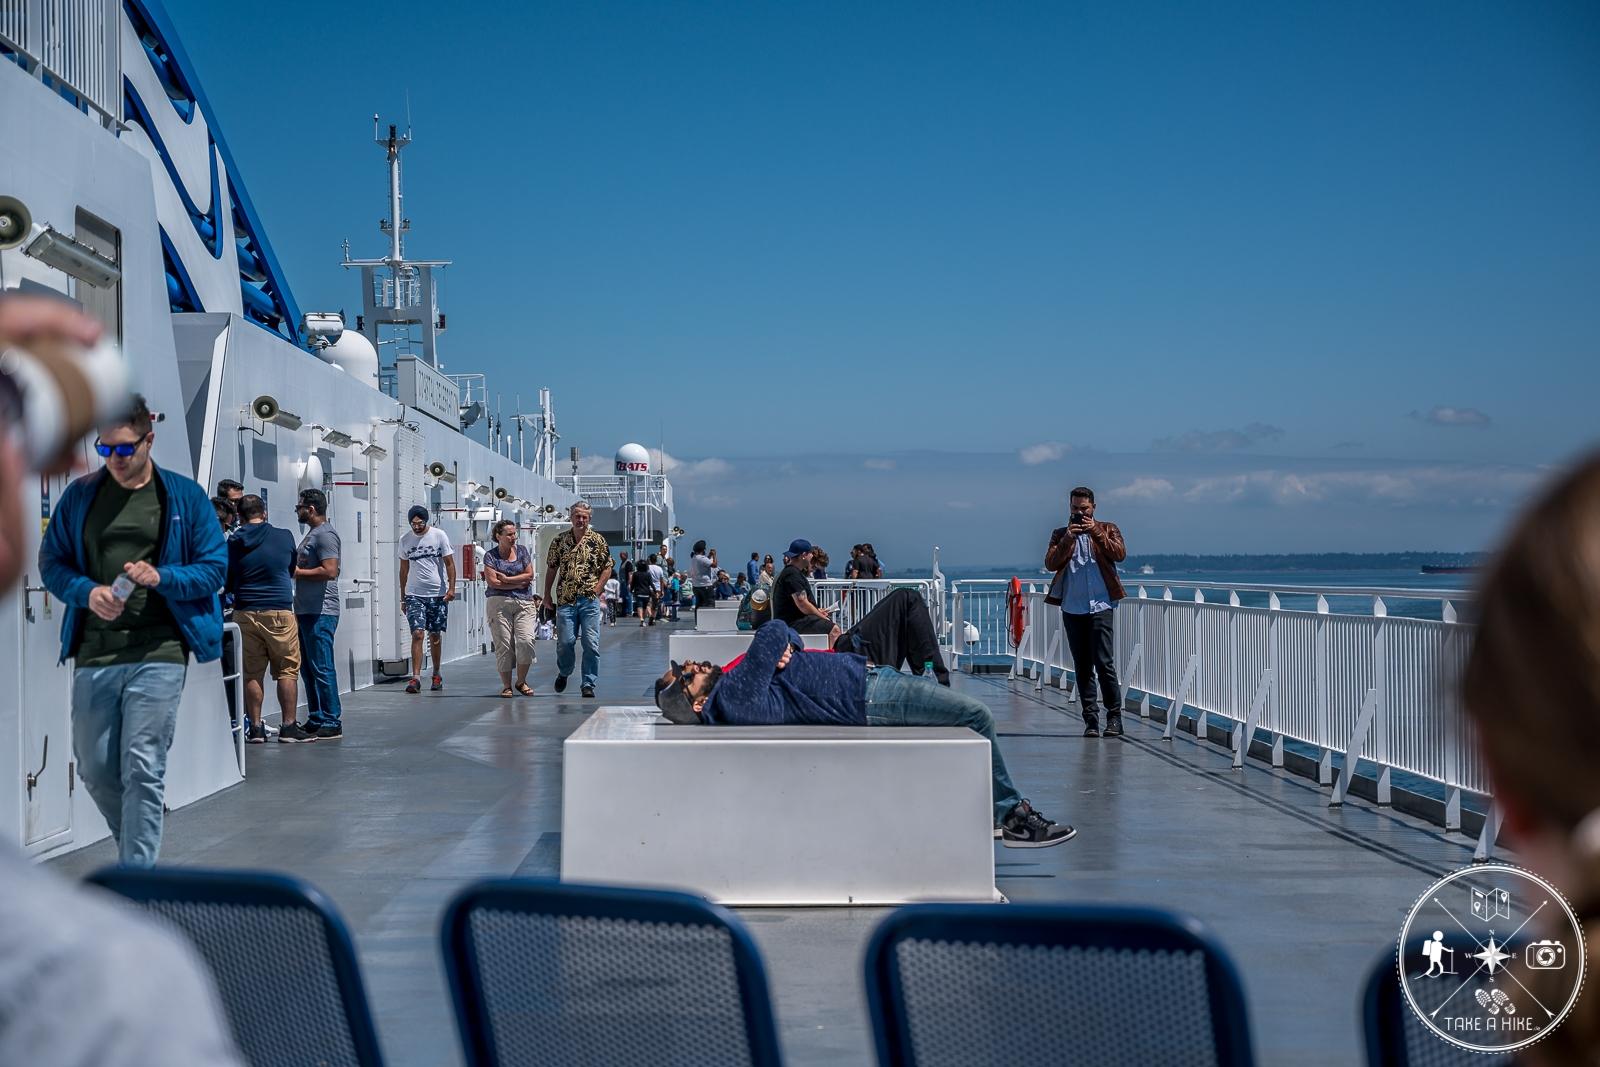 BC Ferries - Tsawwassen - Swartz Bay